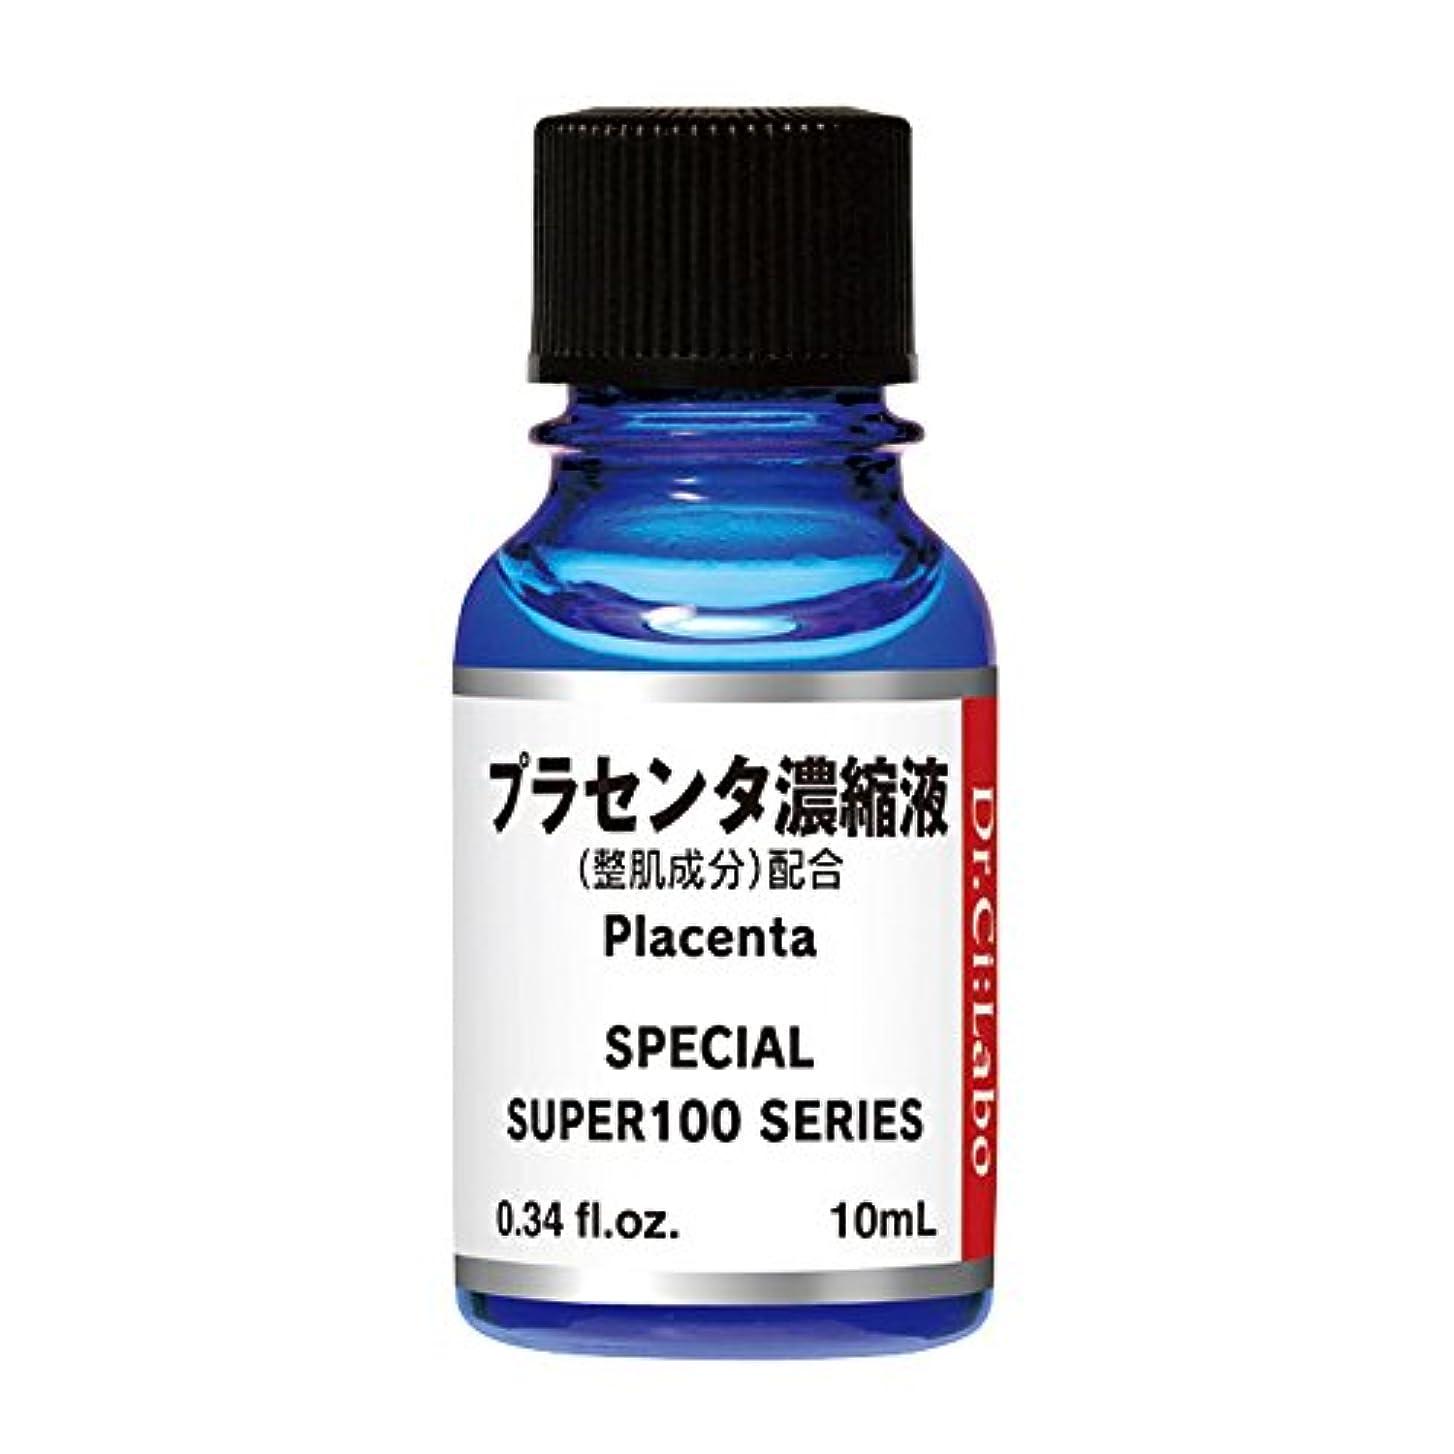 電話に出る管理する銀ドクターシーラボ スーパー100シリーズ プラセンタ 濃縮液 高濃度美容液 10ml 原液化粧品